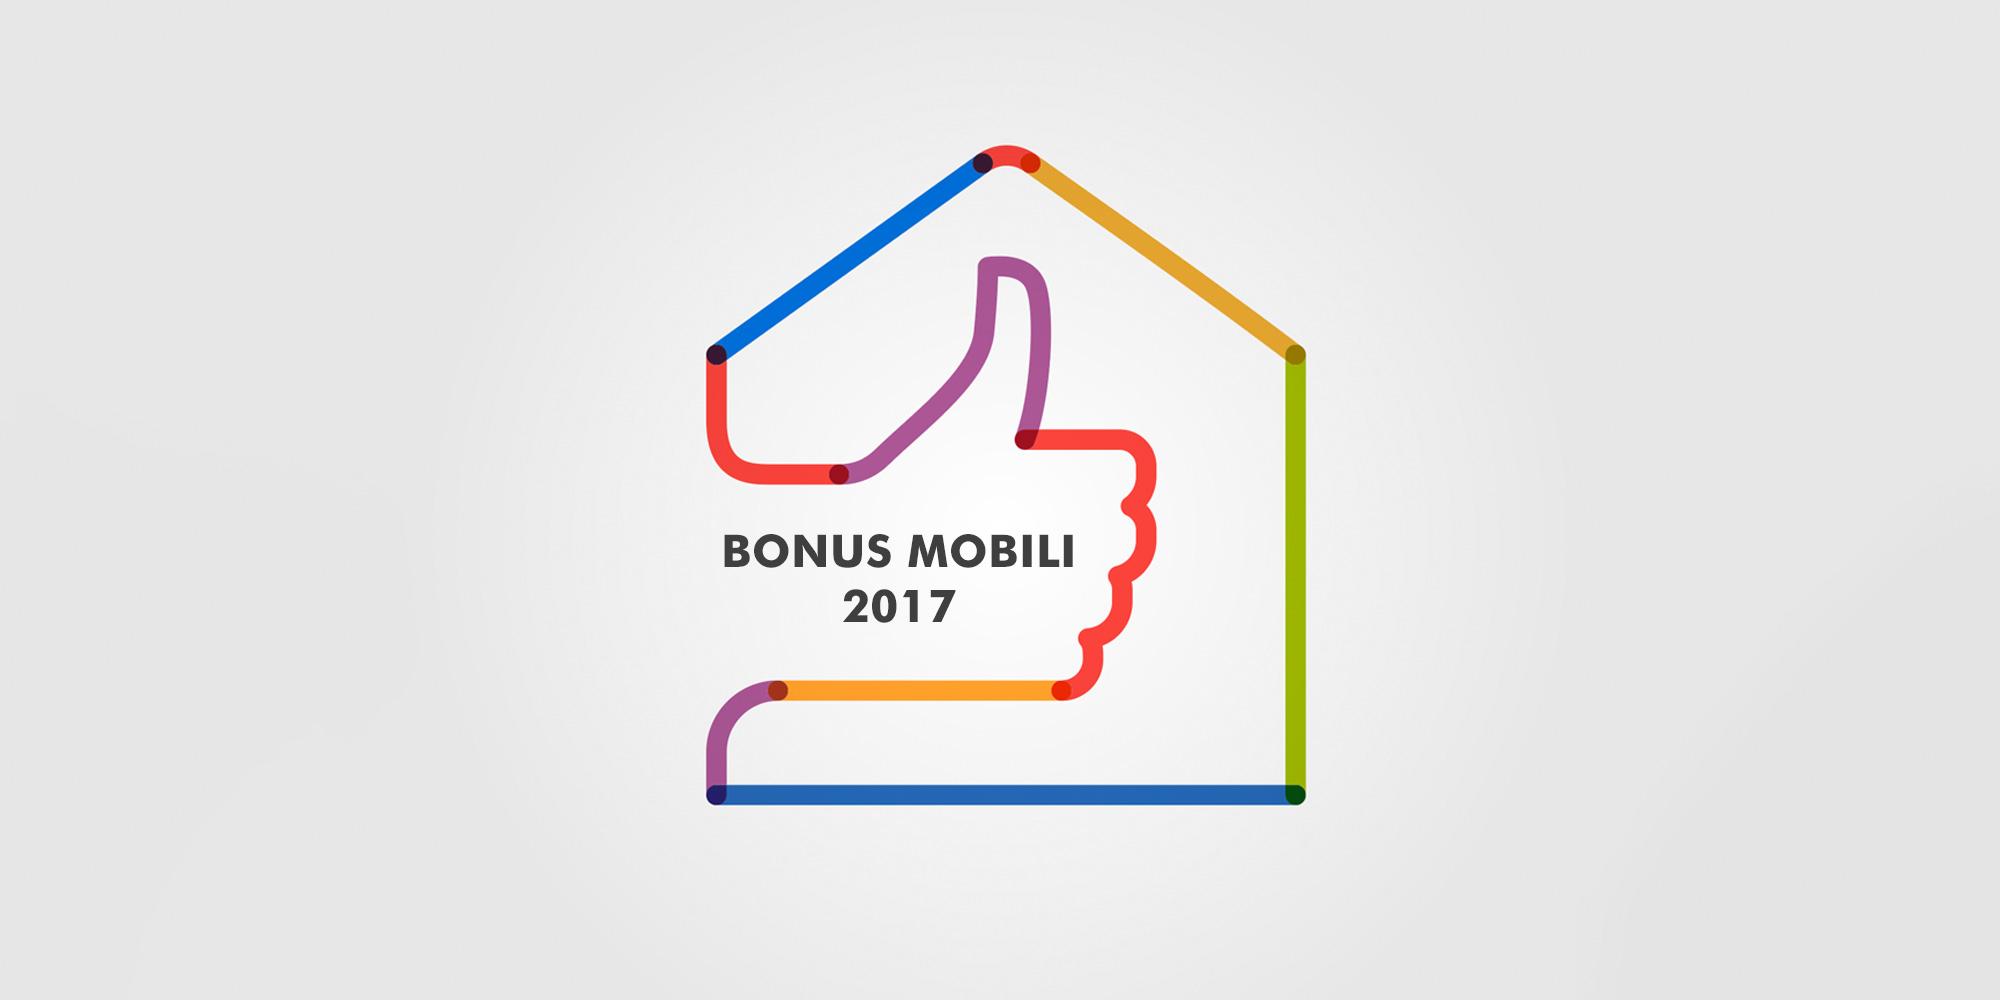 Bonus mobili 2017 for Bonus mobili 2017